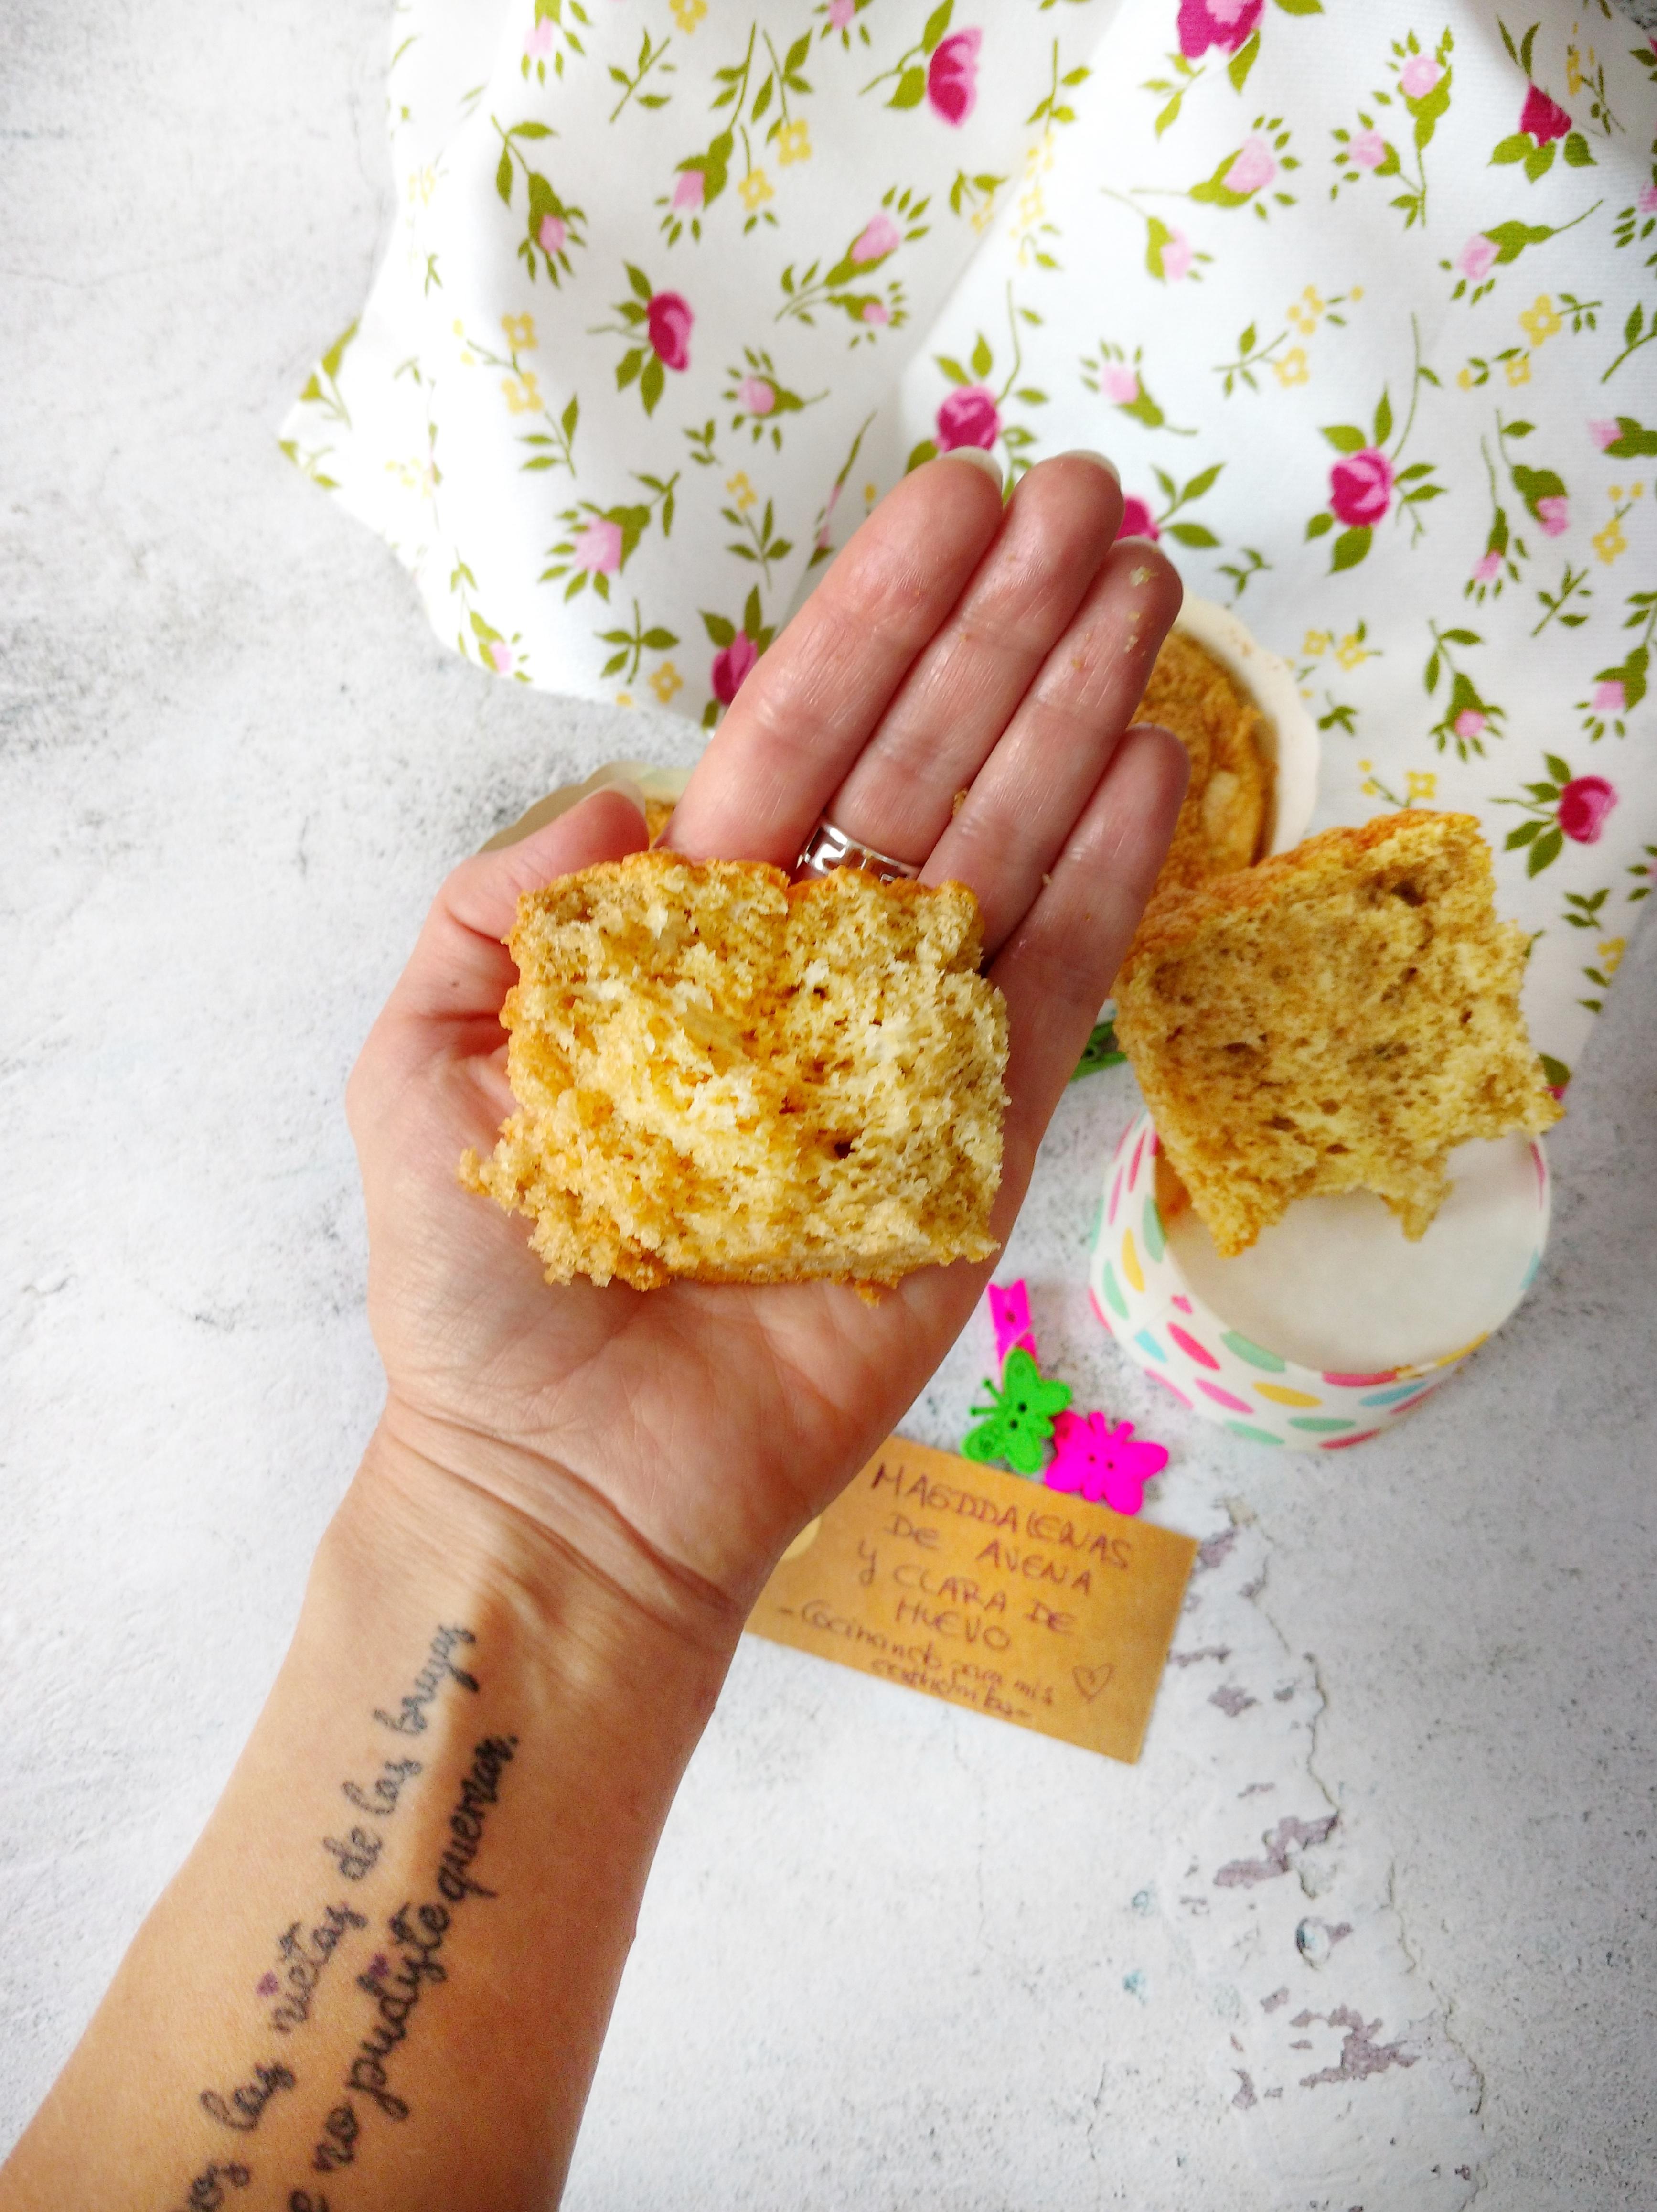 magdalenas de avena y clara de huevo